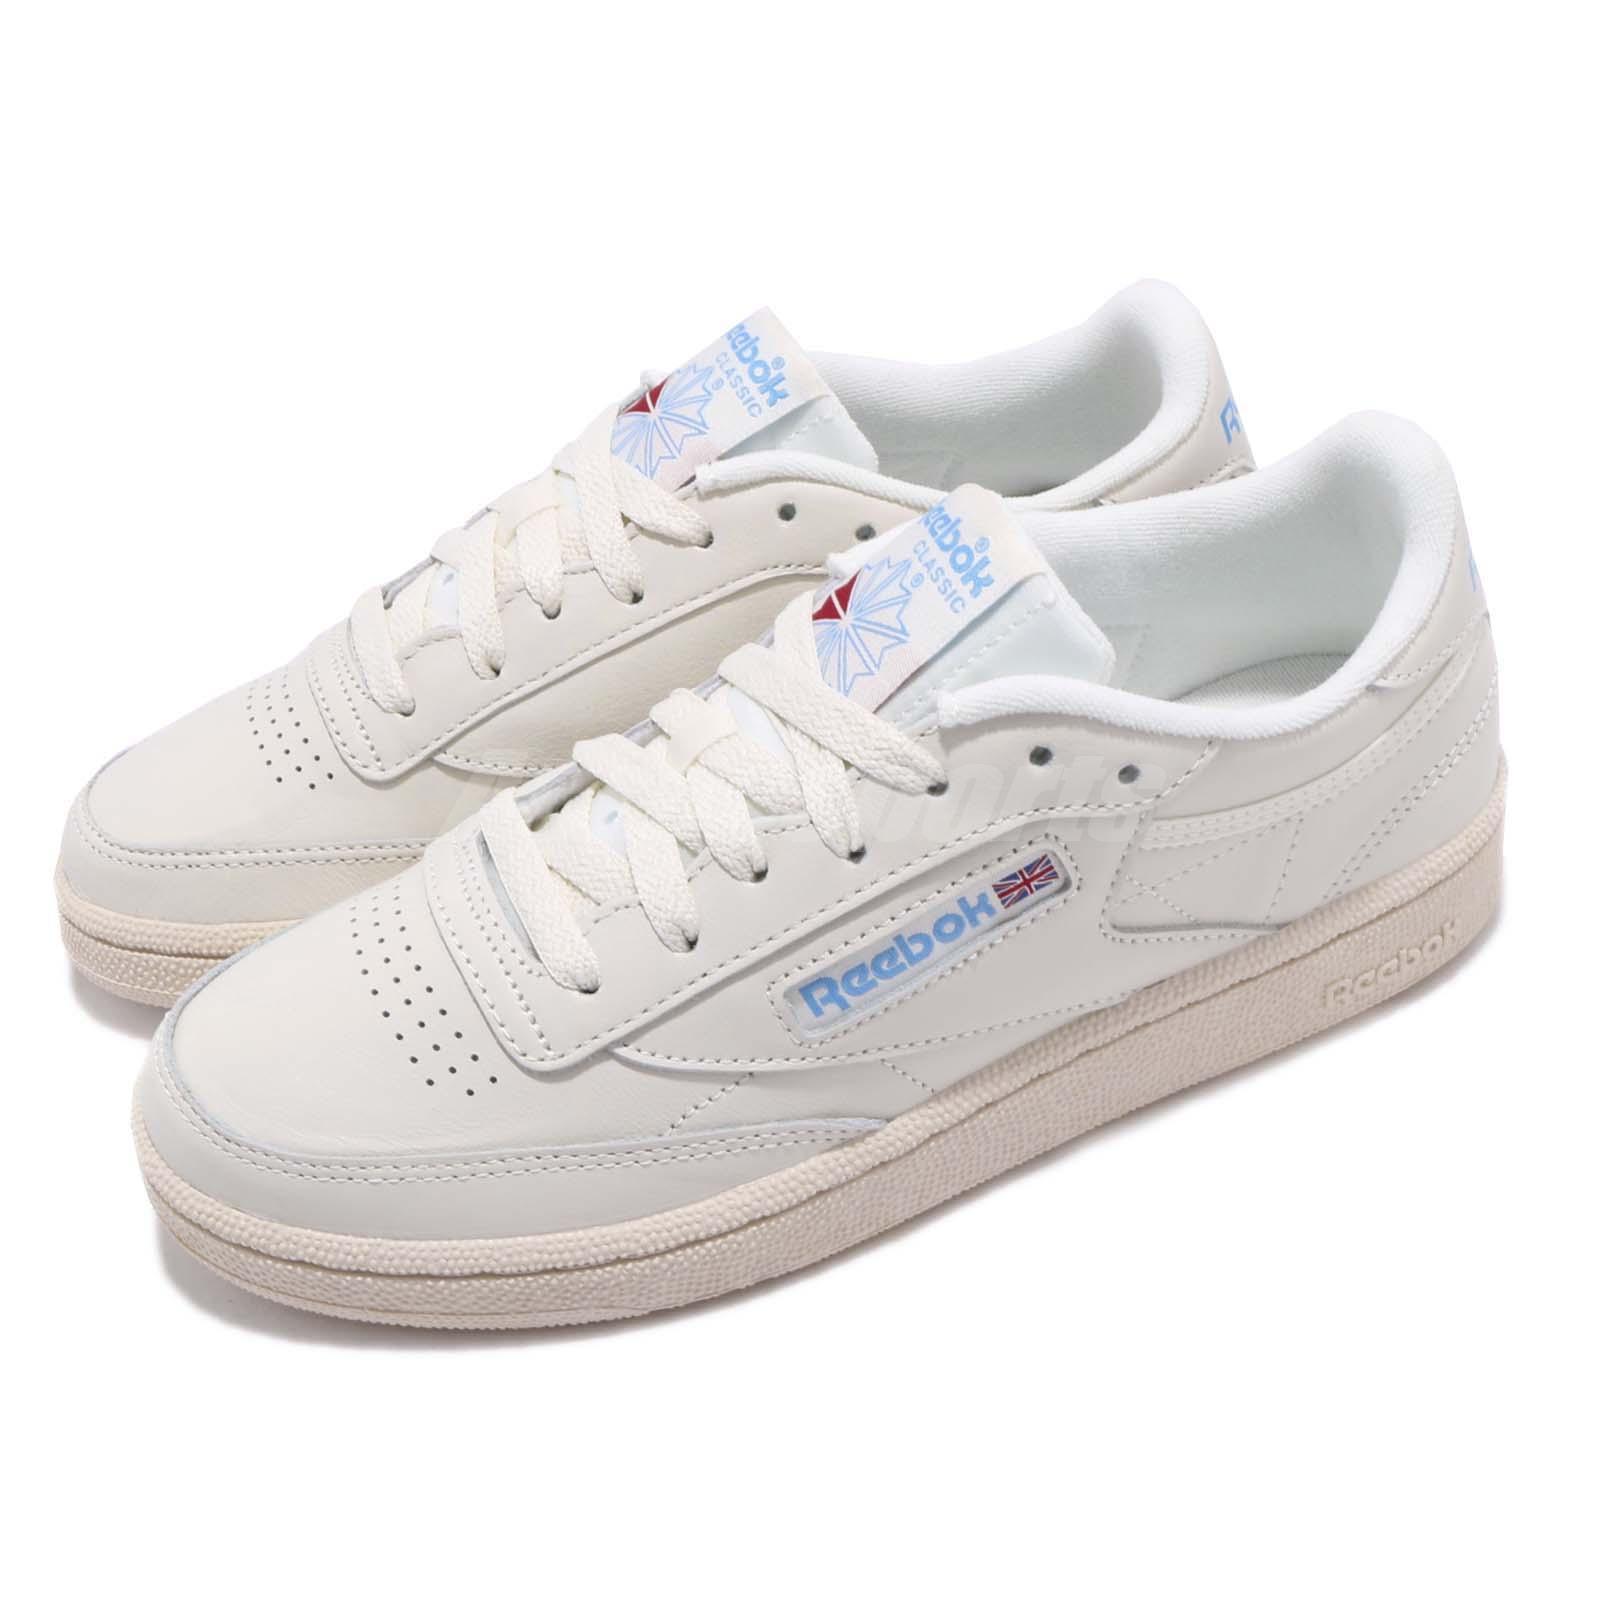 20957382 Detalhes sobre Reebok Club C 85 Vintage Bege Giz Azul Feminino Casual  Sapatos Tênis V69406- mostrar título no original